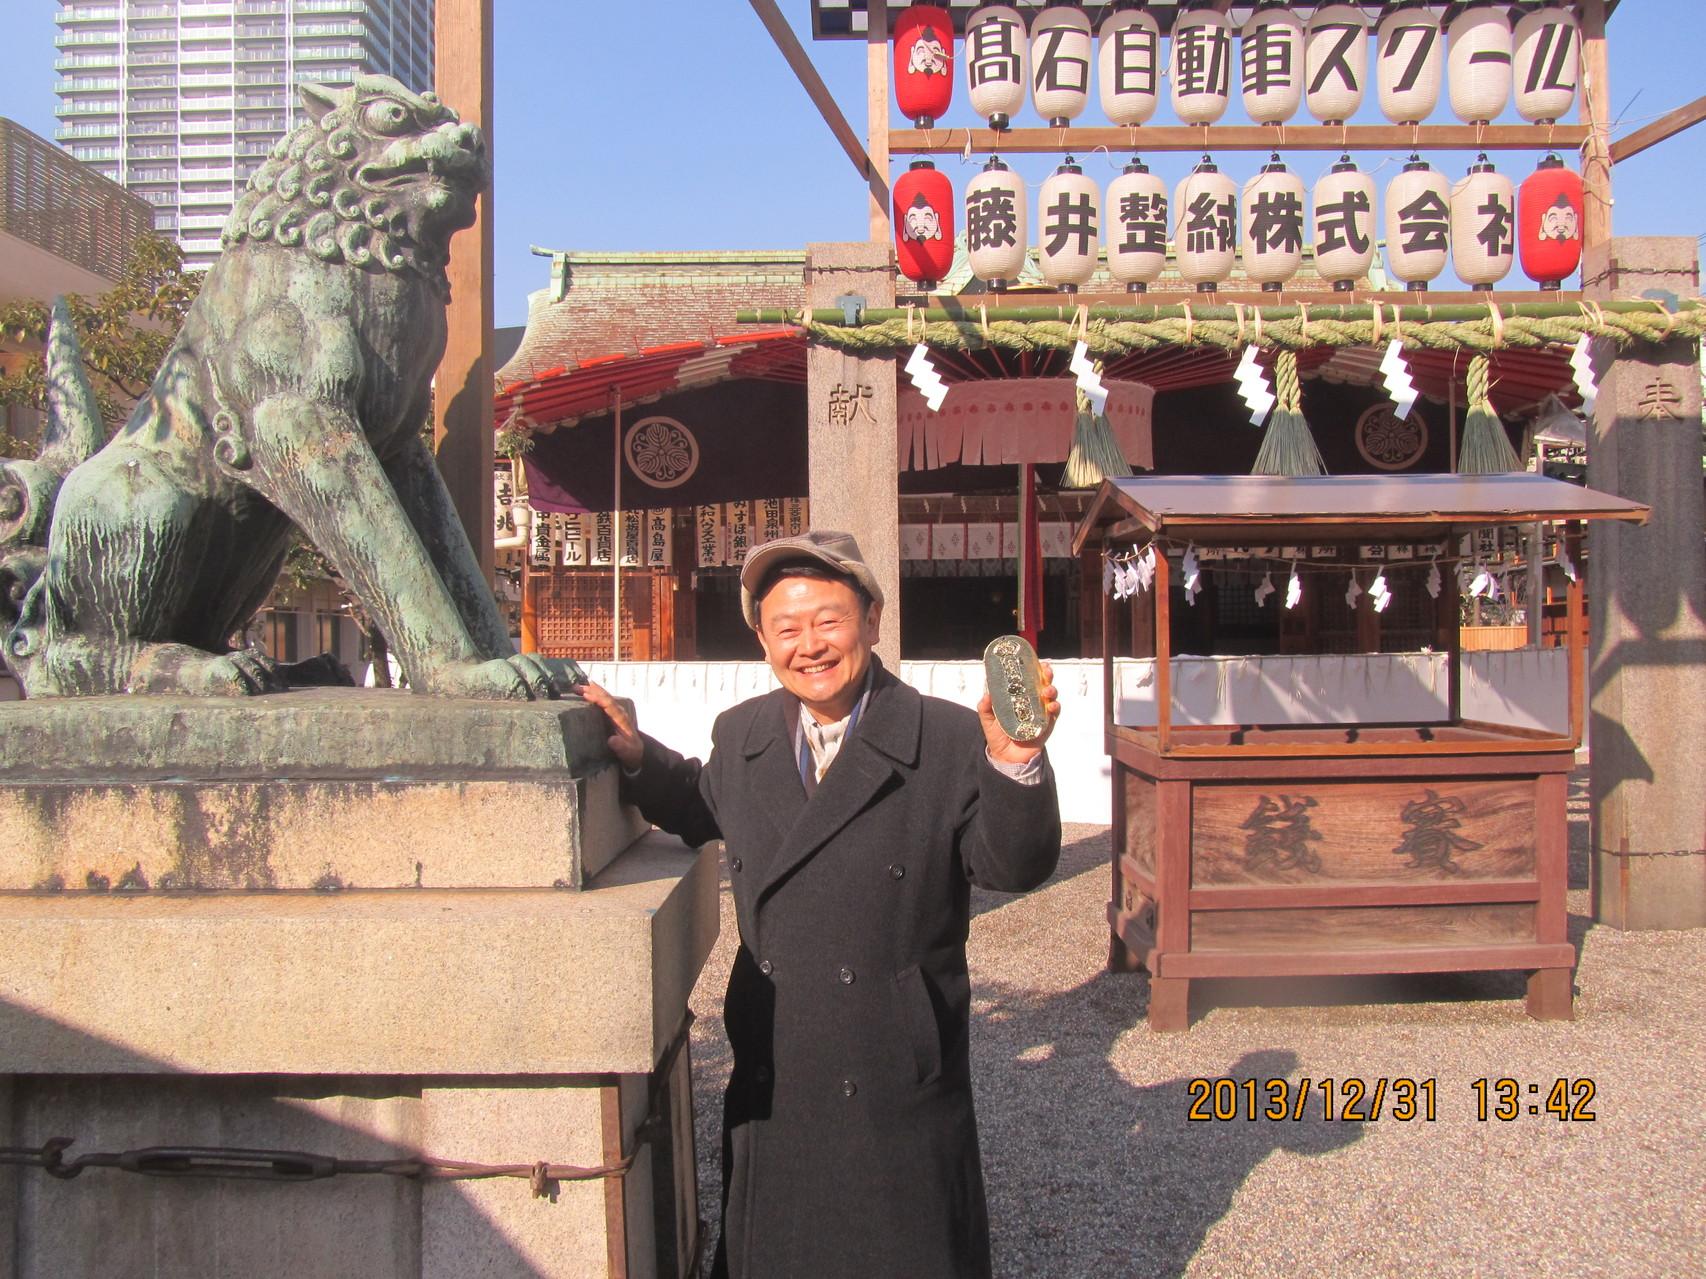 今宮(いまみや)戎(えびす)神社。商売の神様として有名です。